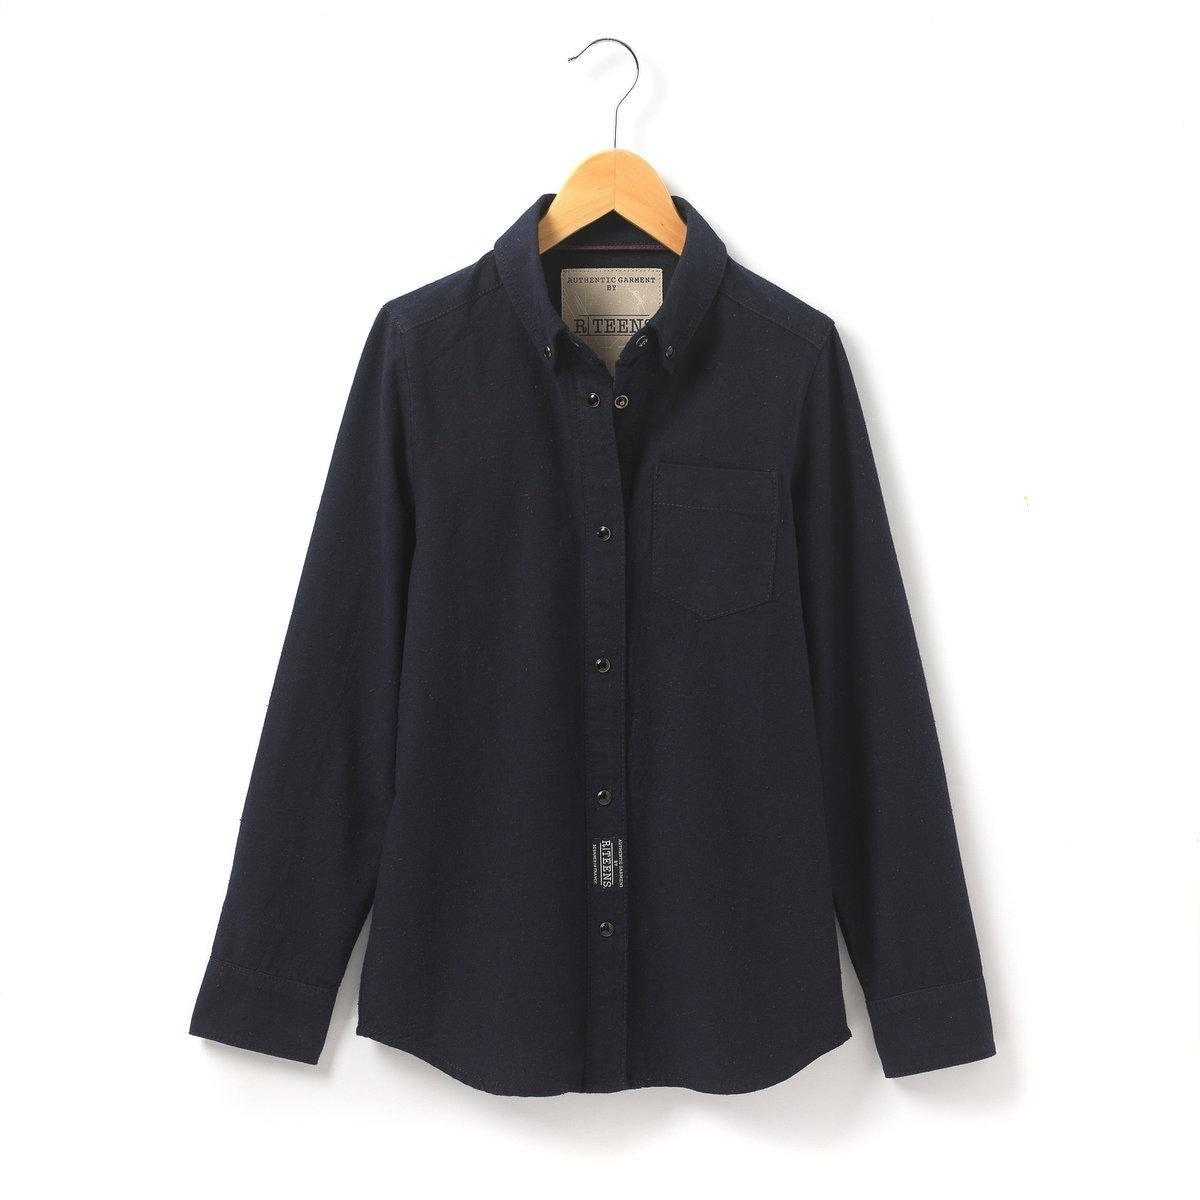 Рубашка с длинными рукавамиРубашка с длинными рукавами из 100% хлопка. Застежка и манжеты на пуговицах. 2 нагрудных кармана.<br><br>Цвет: синий морской